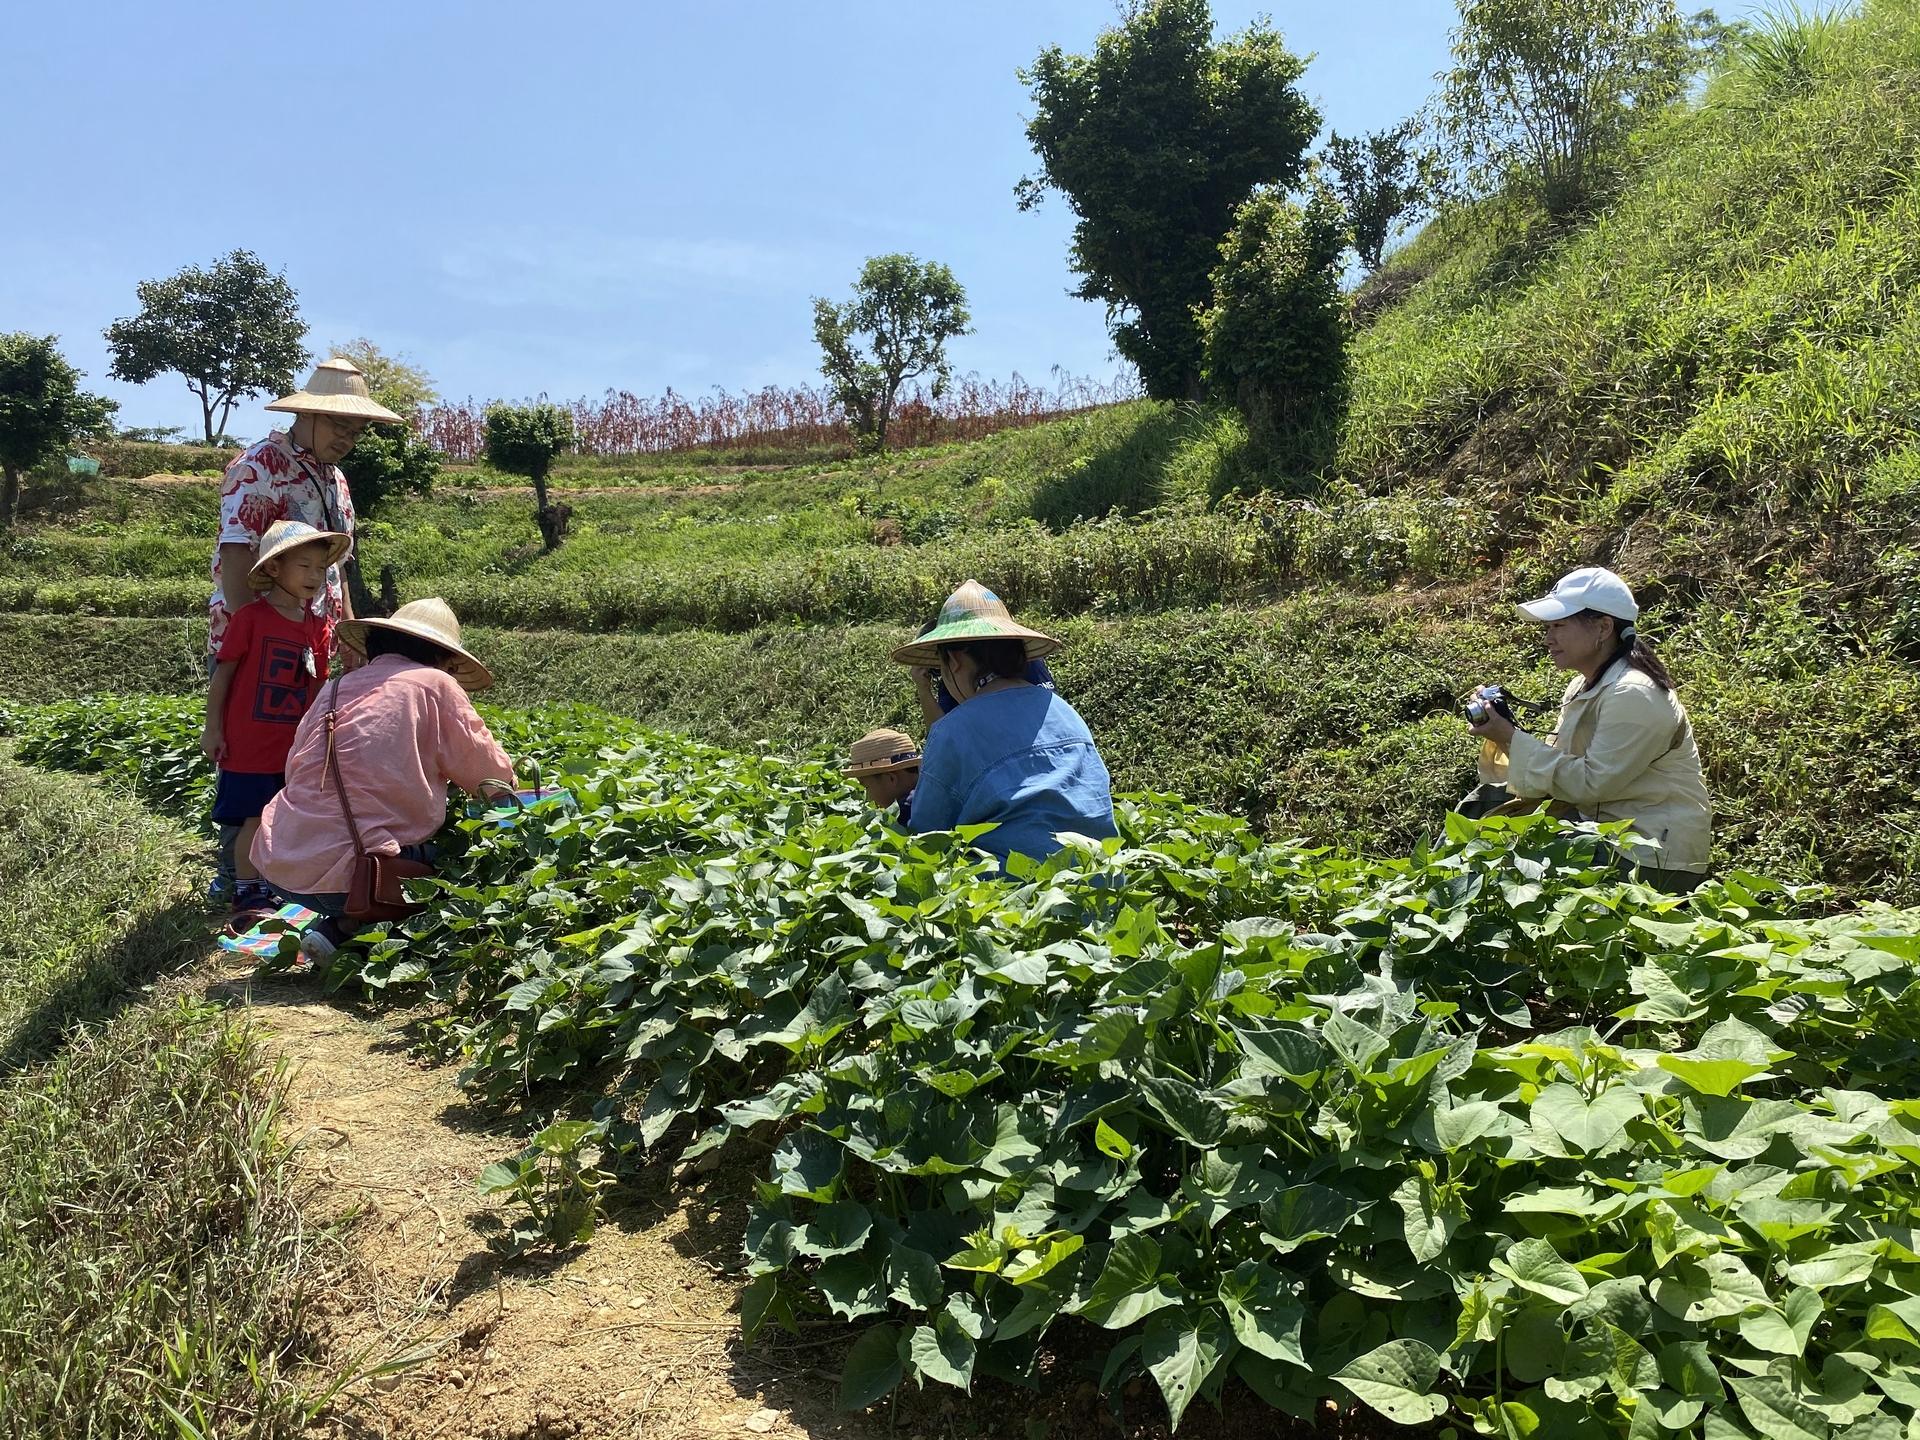 豐富自然環境的香格里拉休閒農場,可體驗穿梭在包羅萬象的植物蔬菜農園裡摘採。